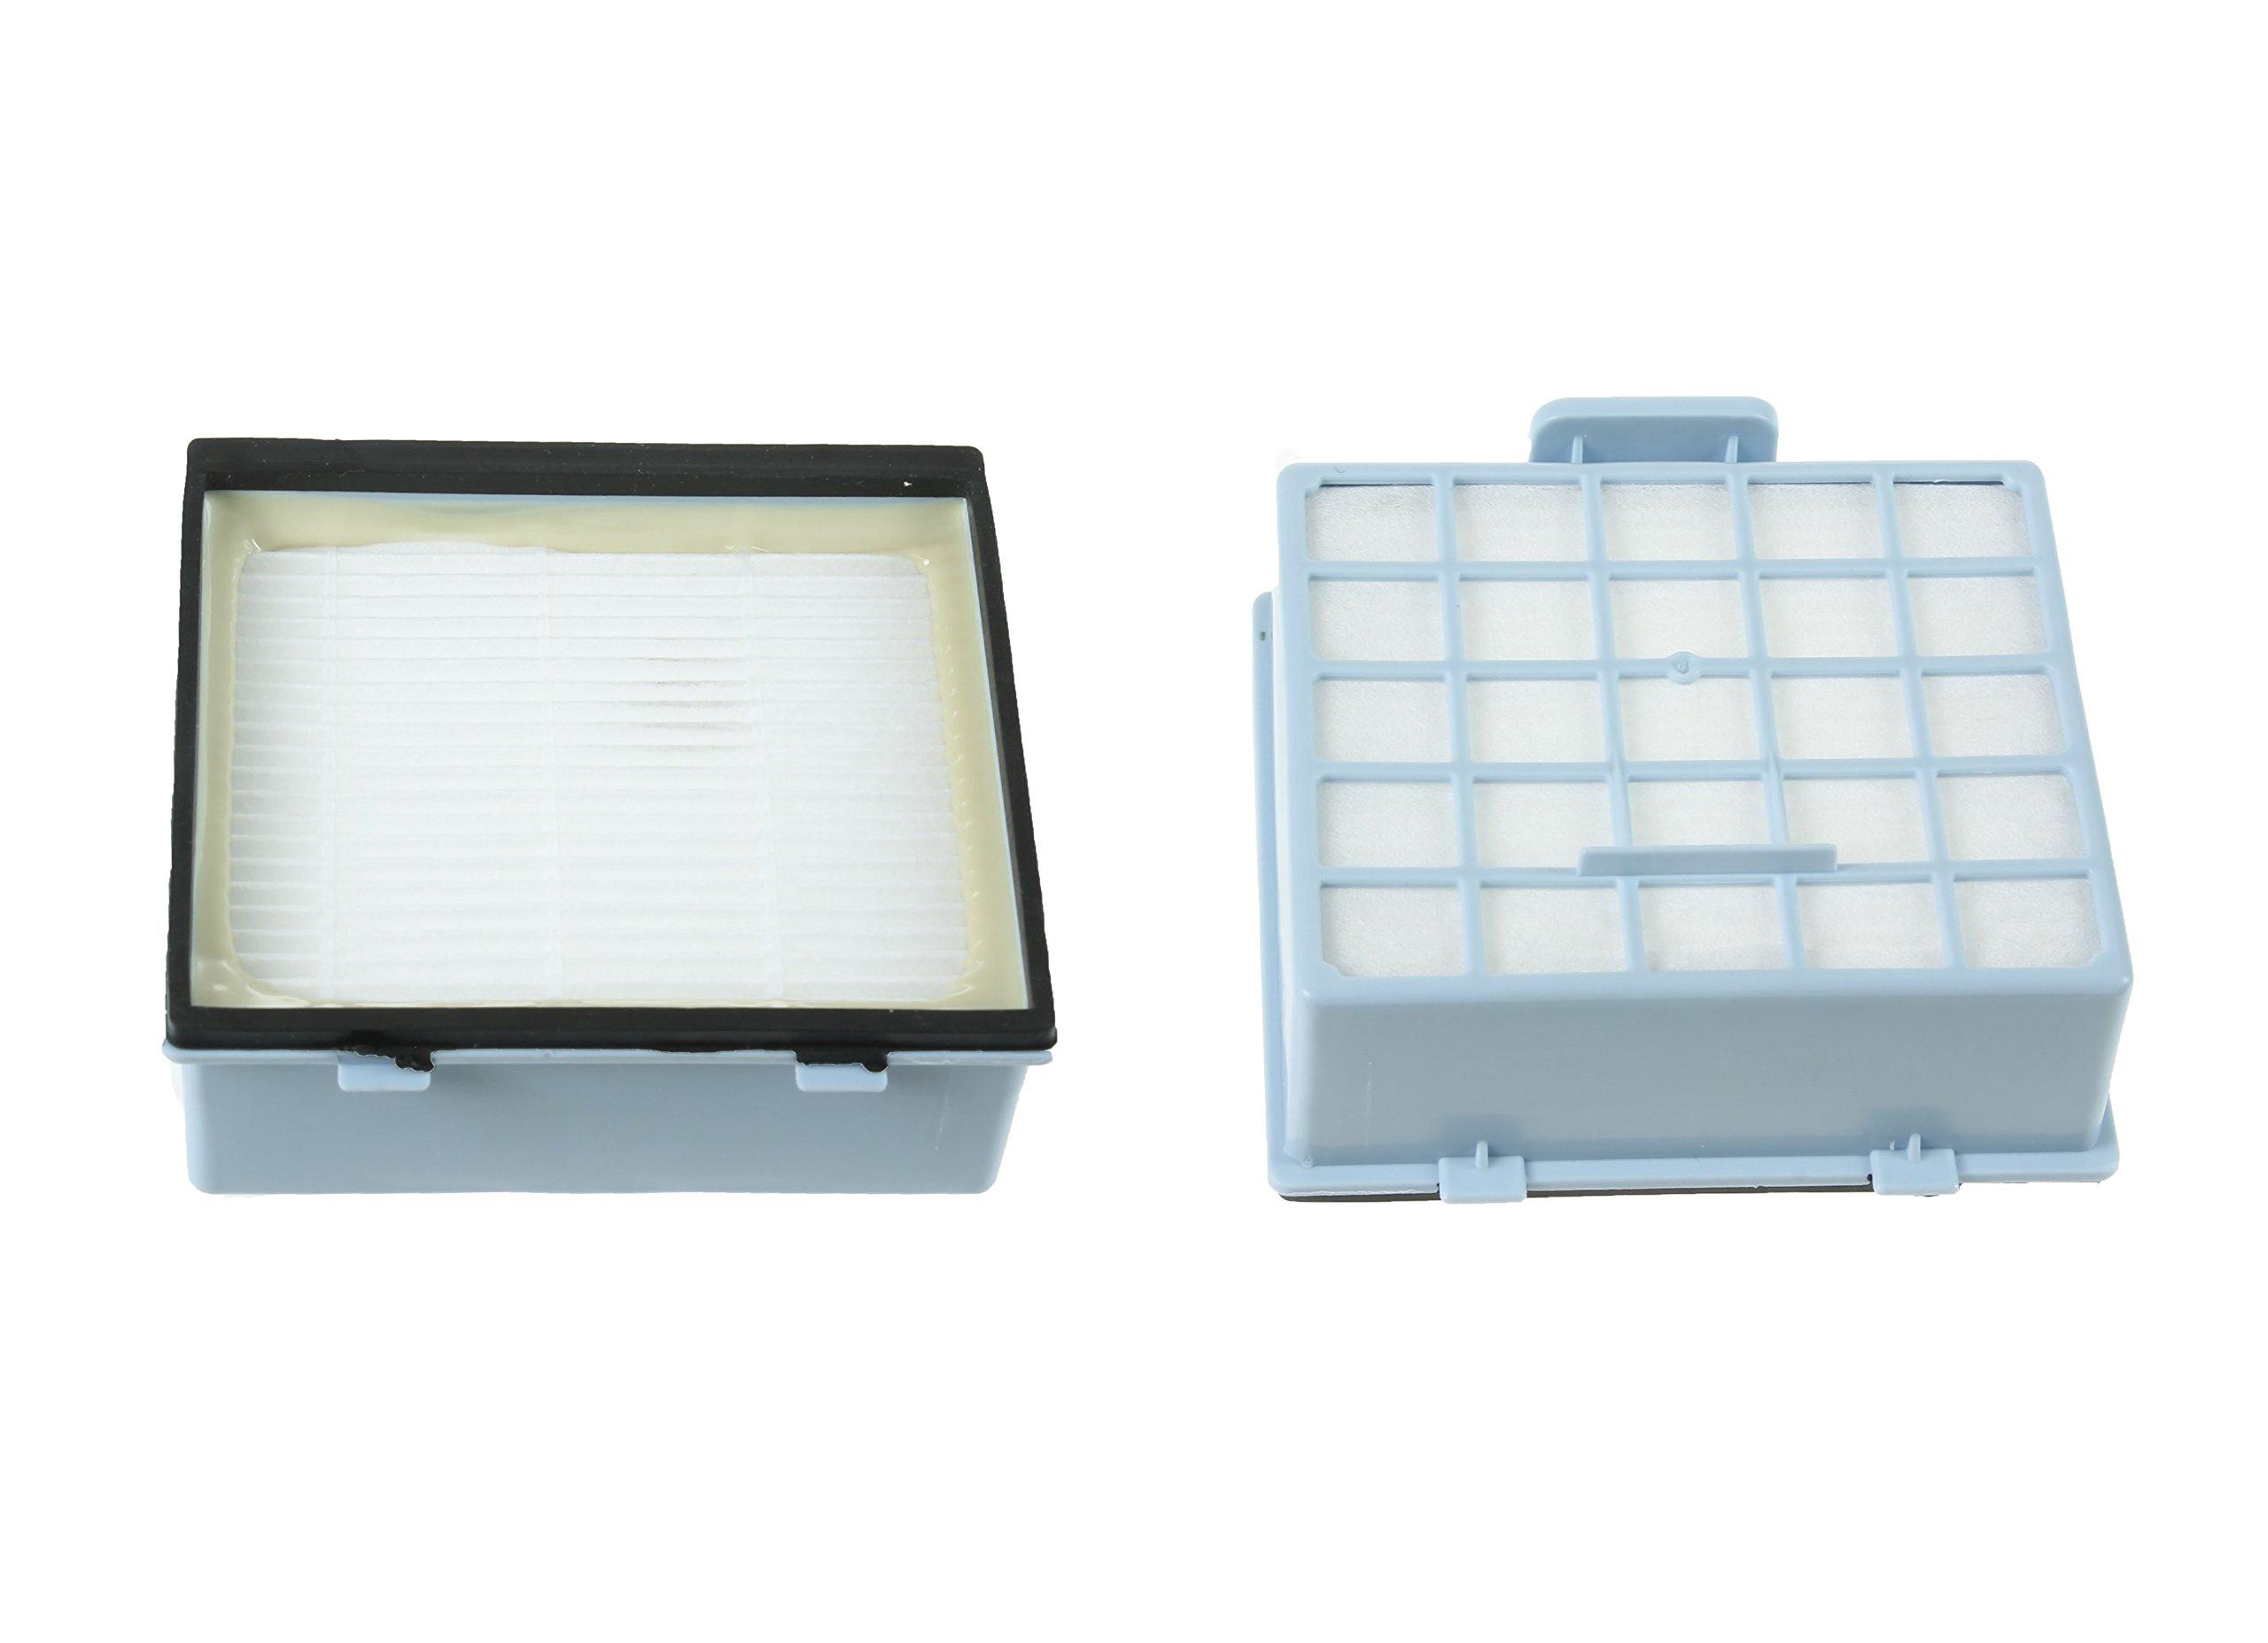 Filtro HEPA para aspiradora BOSCH alergia BSGL4 BSG6 BBZ153HF 572234: Amazon.es: Hogar